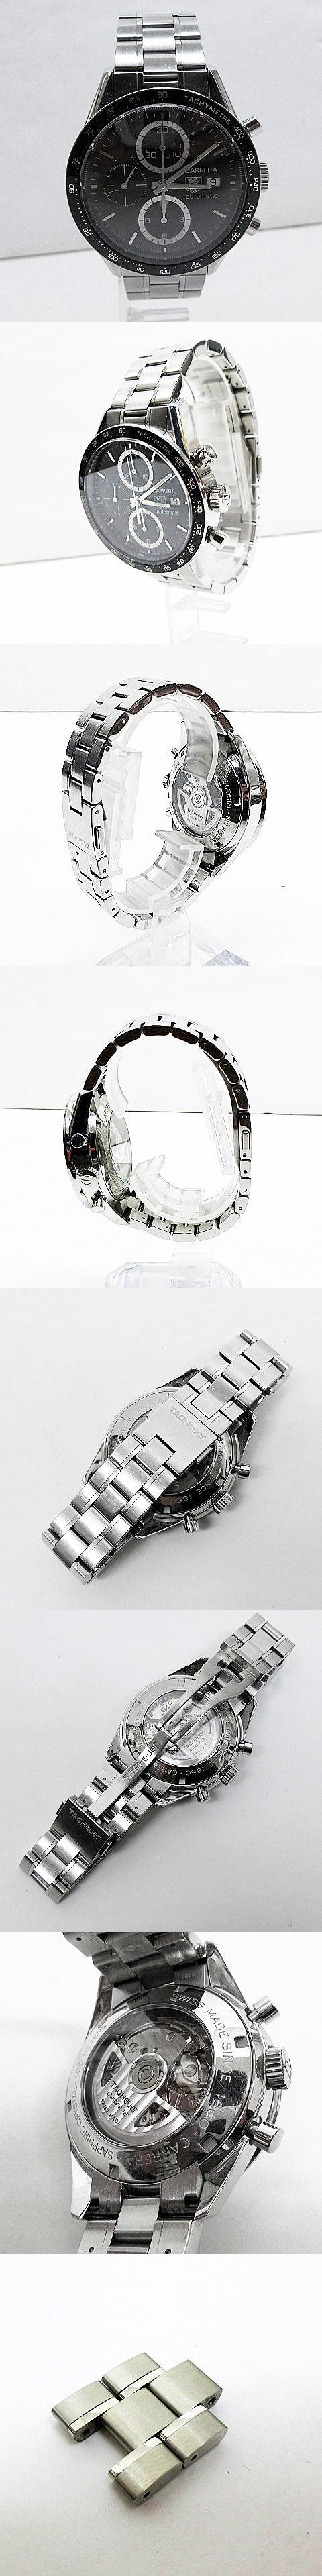 CV2010-3 CARRERA カレラ タキメーター クロノグラフ 自動巻き 腕時計 黒 ブラック系 シルバー